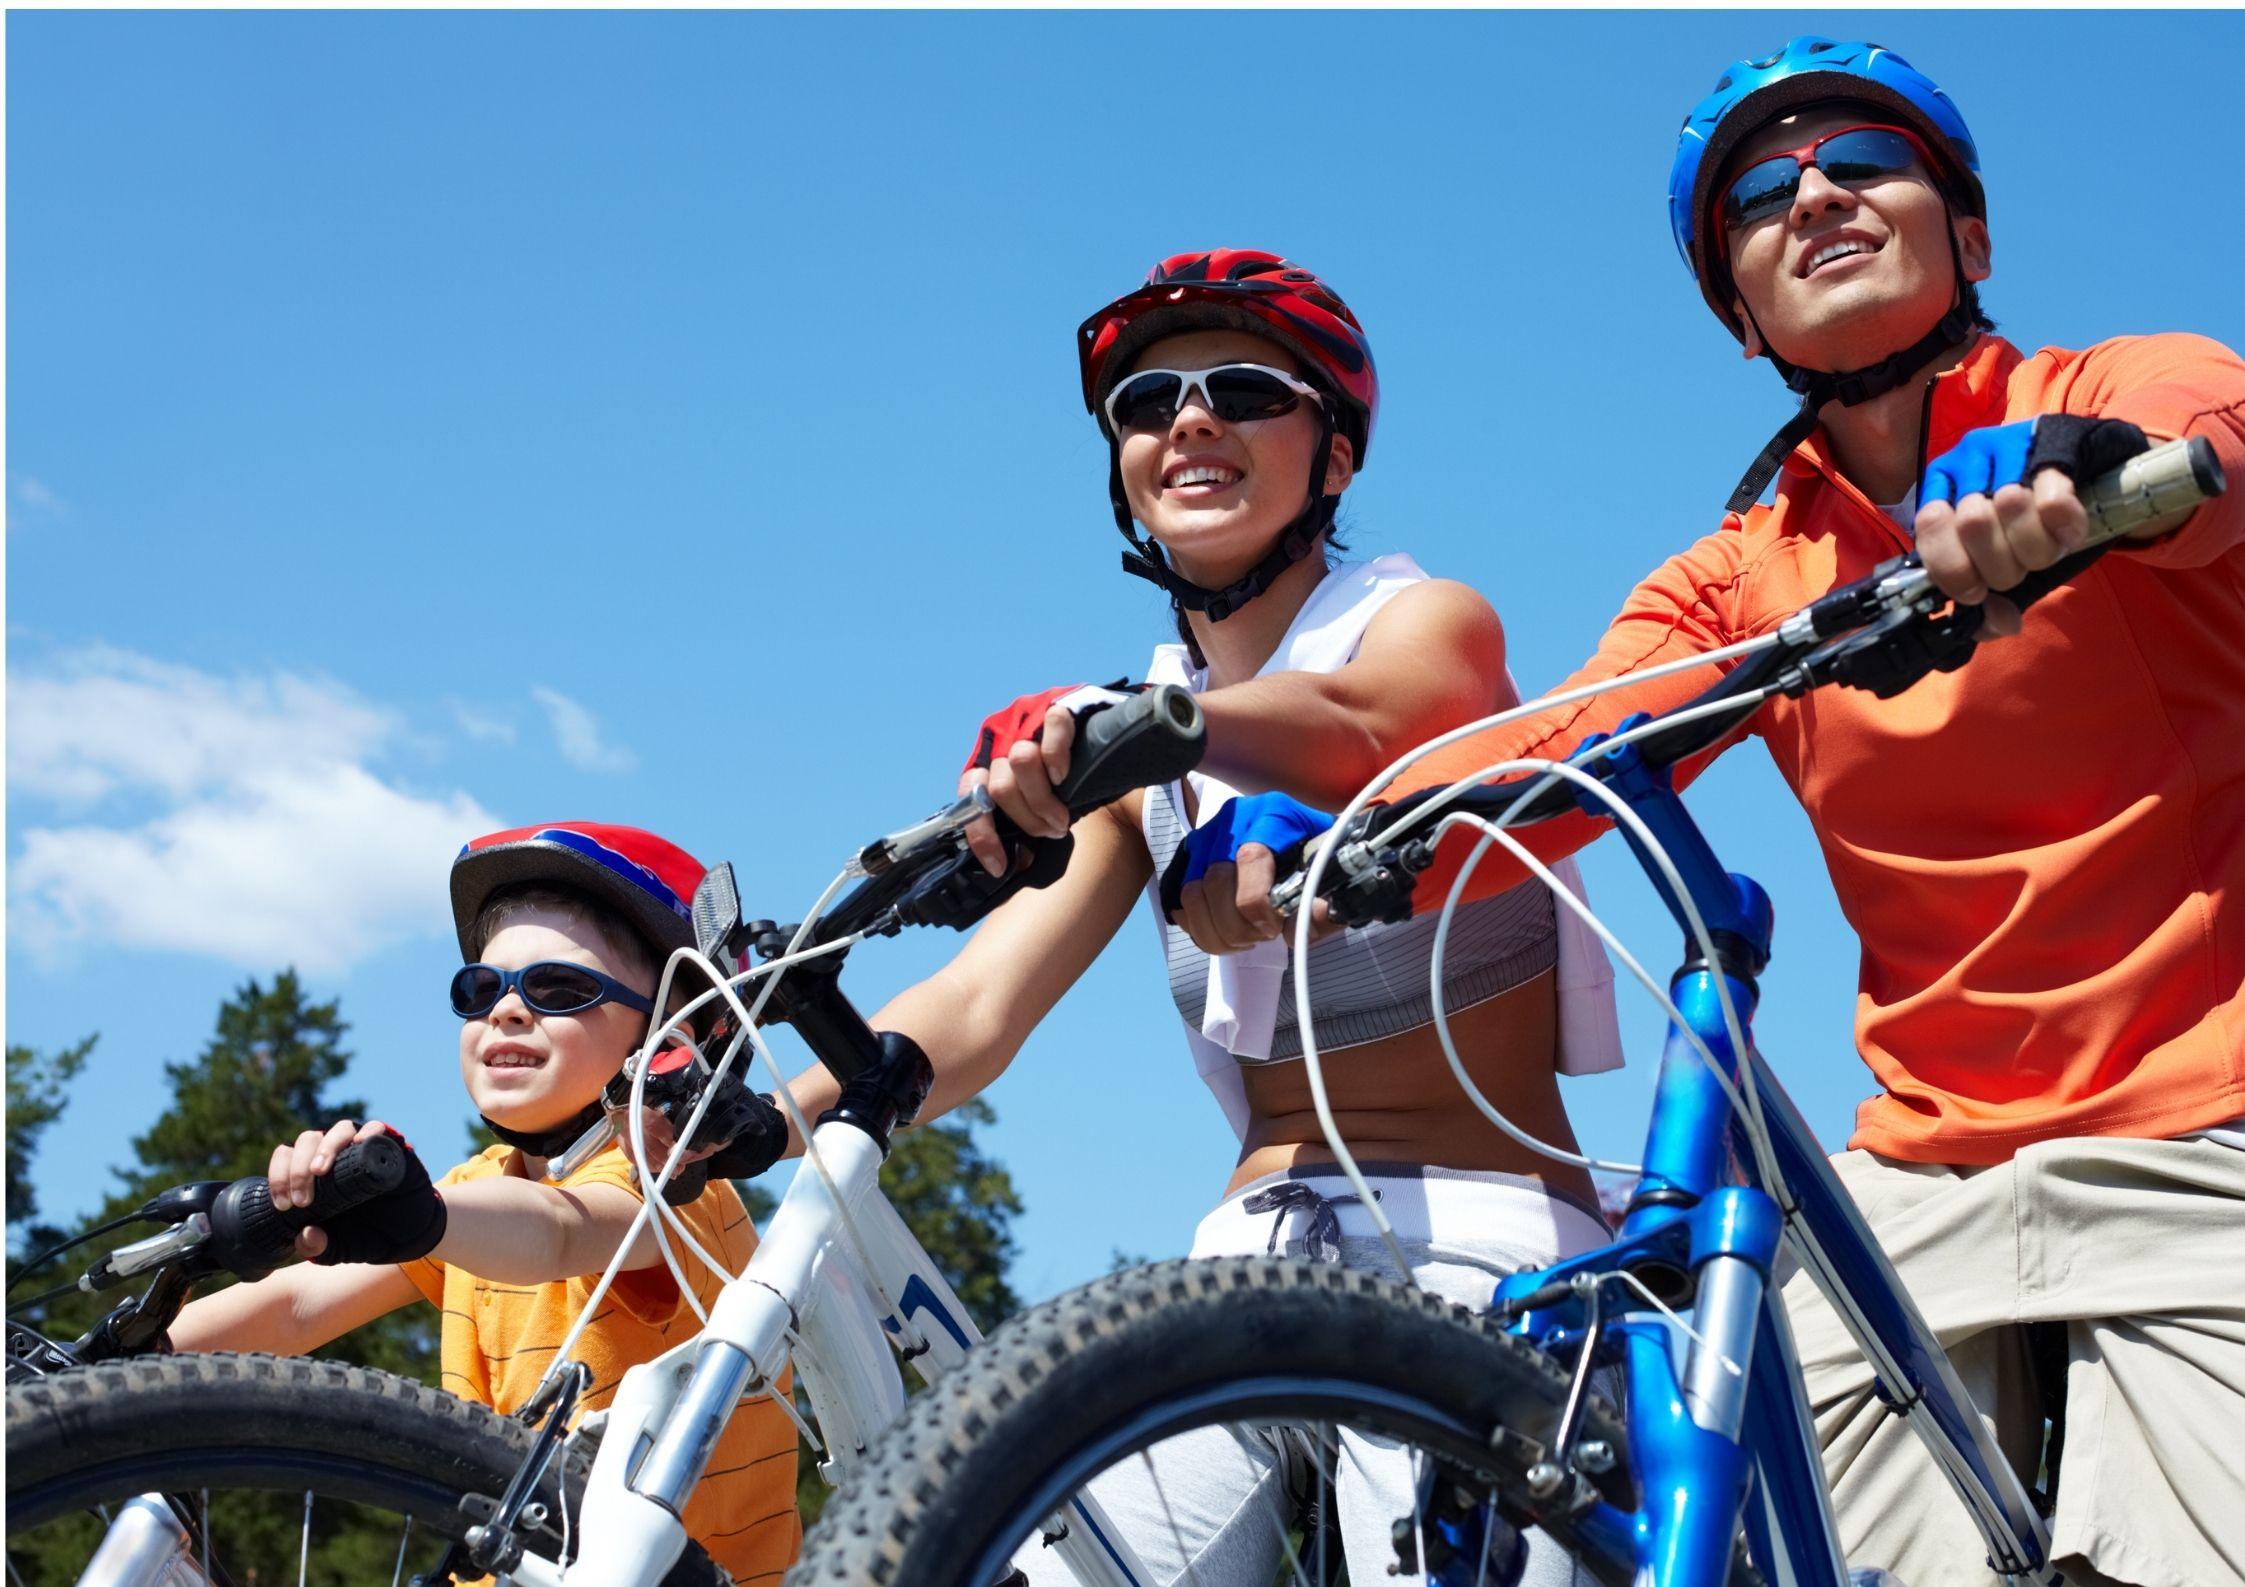 Avventure nel Parco del Curone con il Mountain bike family tour!